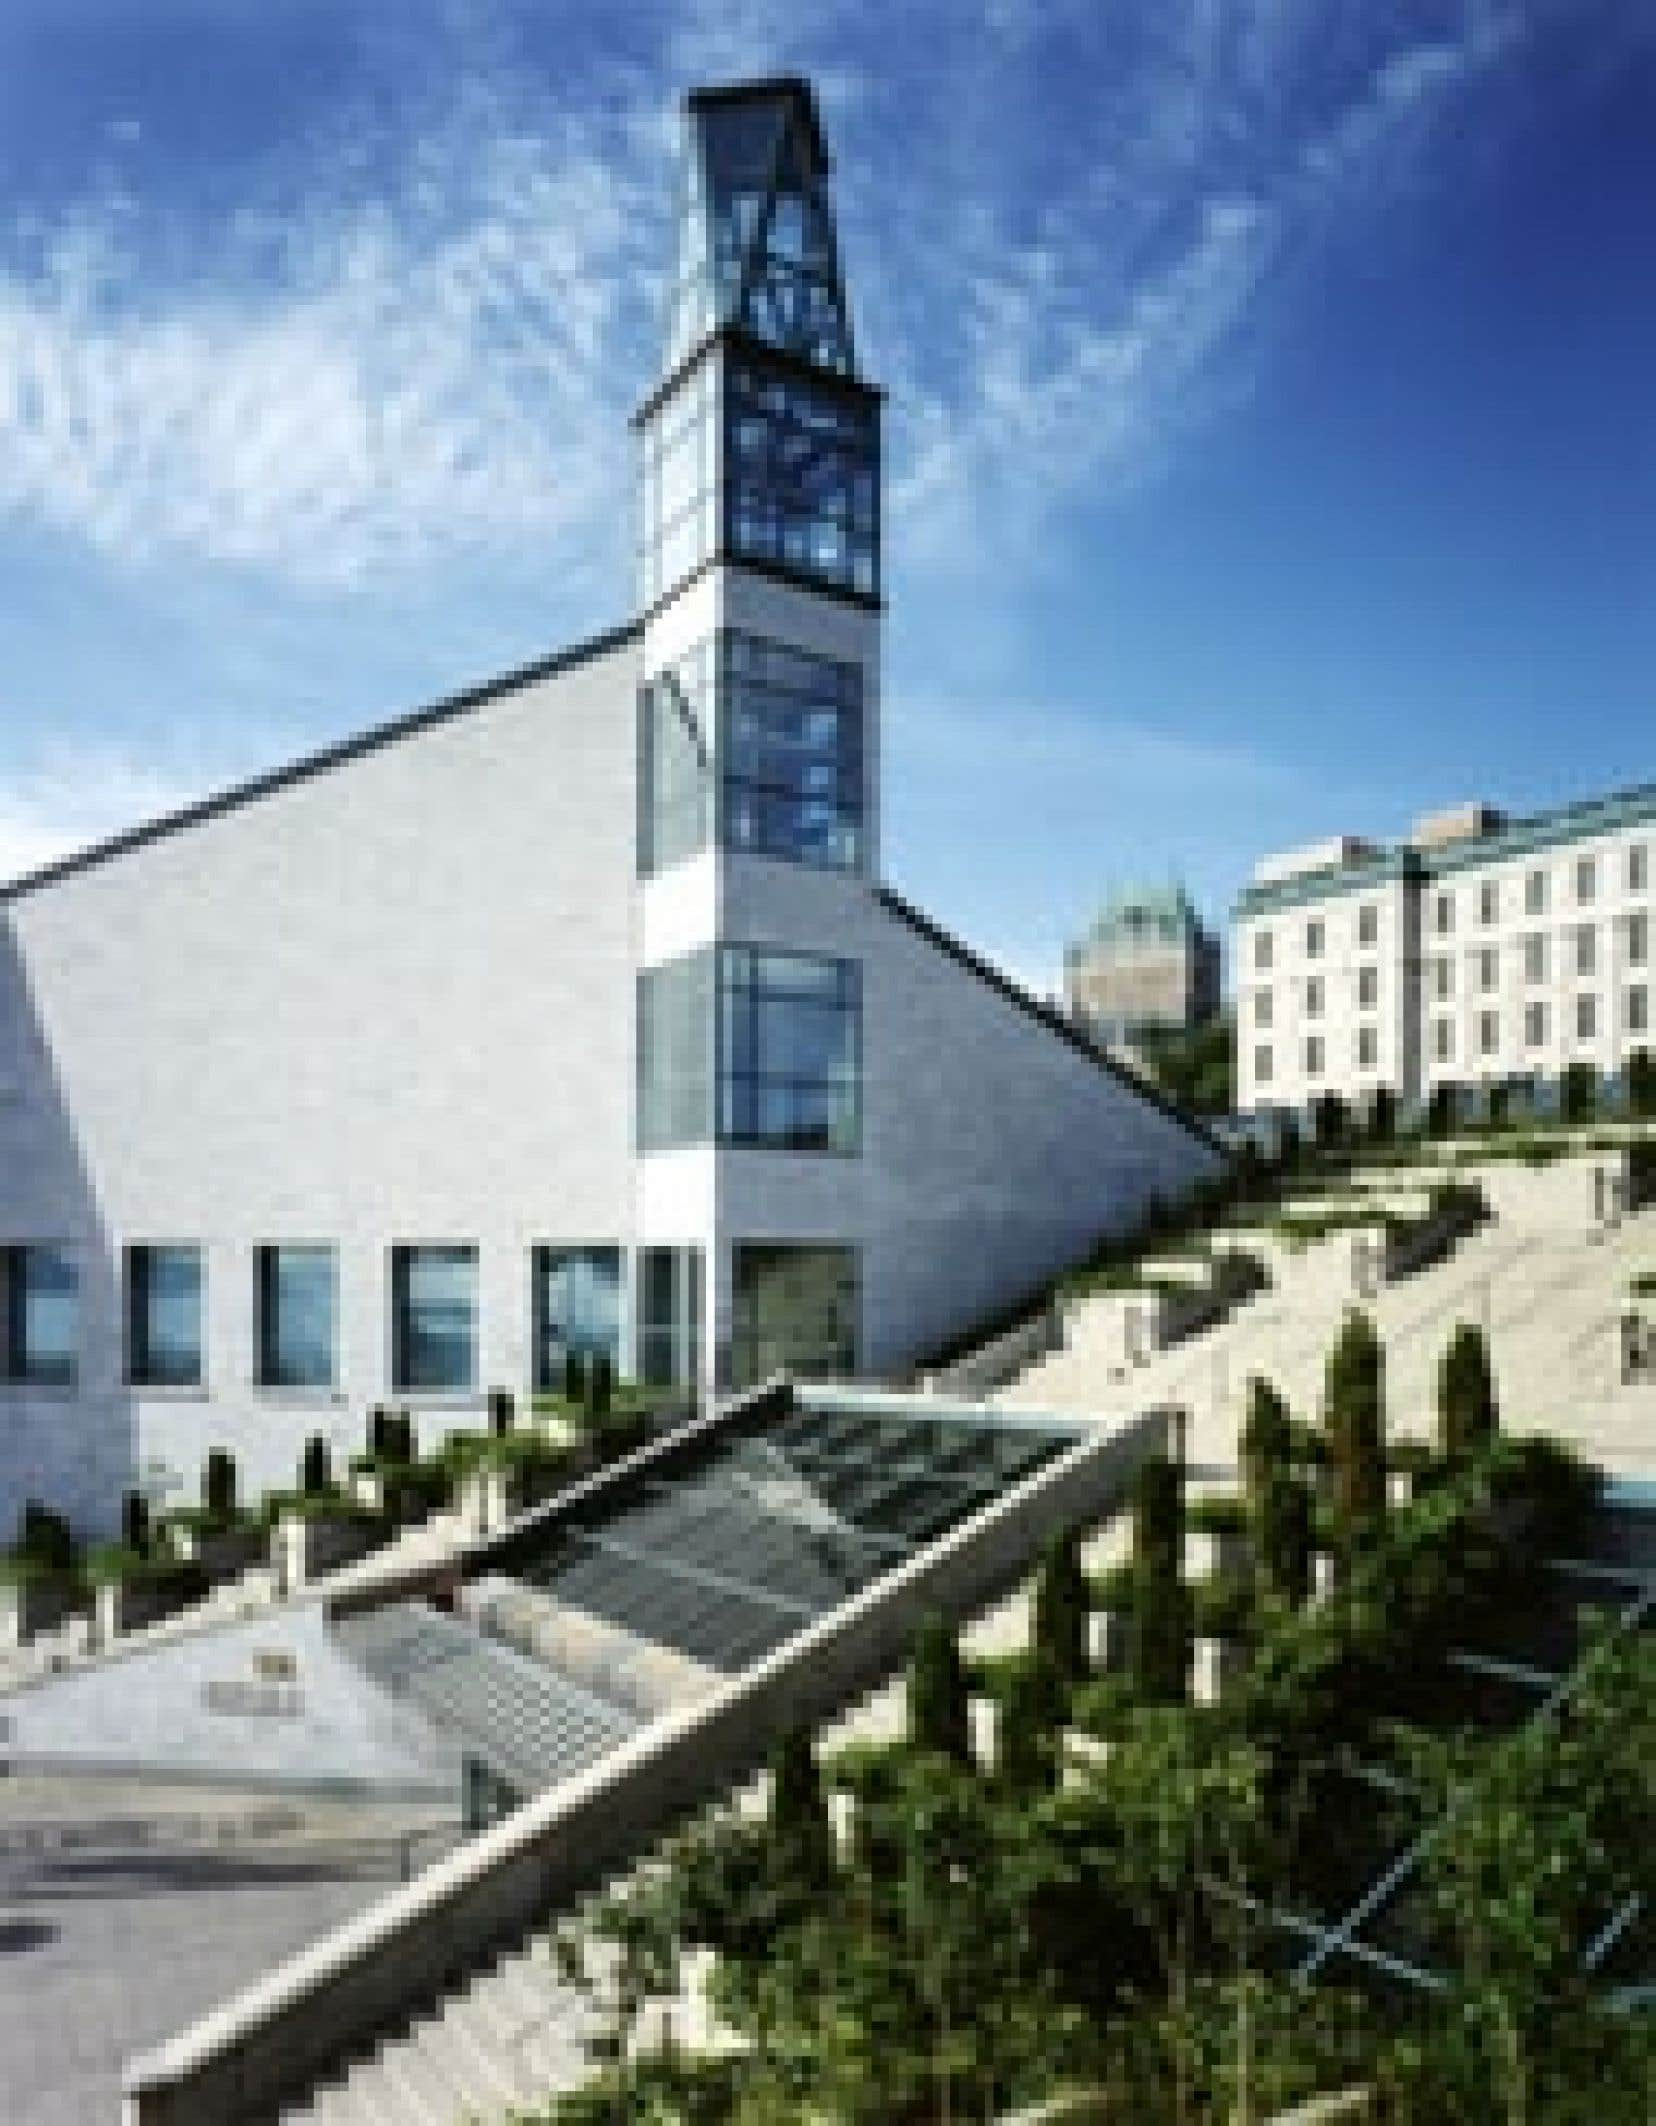 Le Musée de la civilisation, tout comme le Musée d'art contemporain et le Musée des beaux-arts, ne sera pas privatisé. Pas dans l'immédiat en tout cas. Source: Pierre Soulard – Musée de la cilivisation du Québec